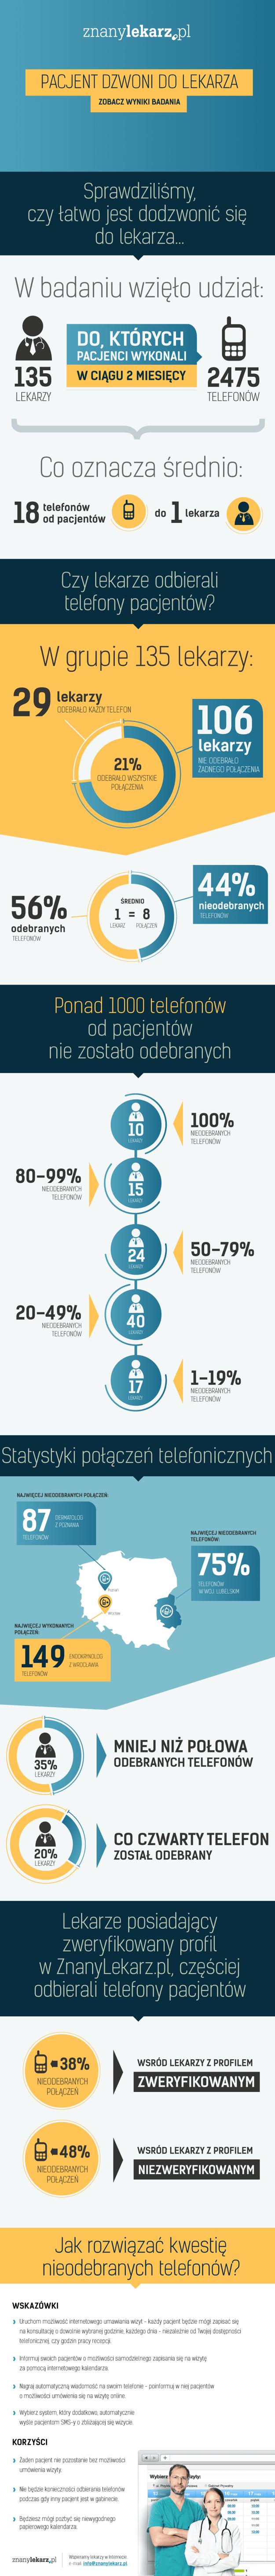 infografika_znany_lekarz_telefony_v6-2-2.png